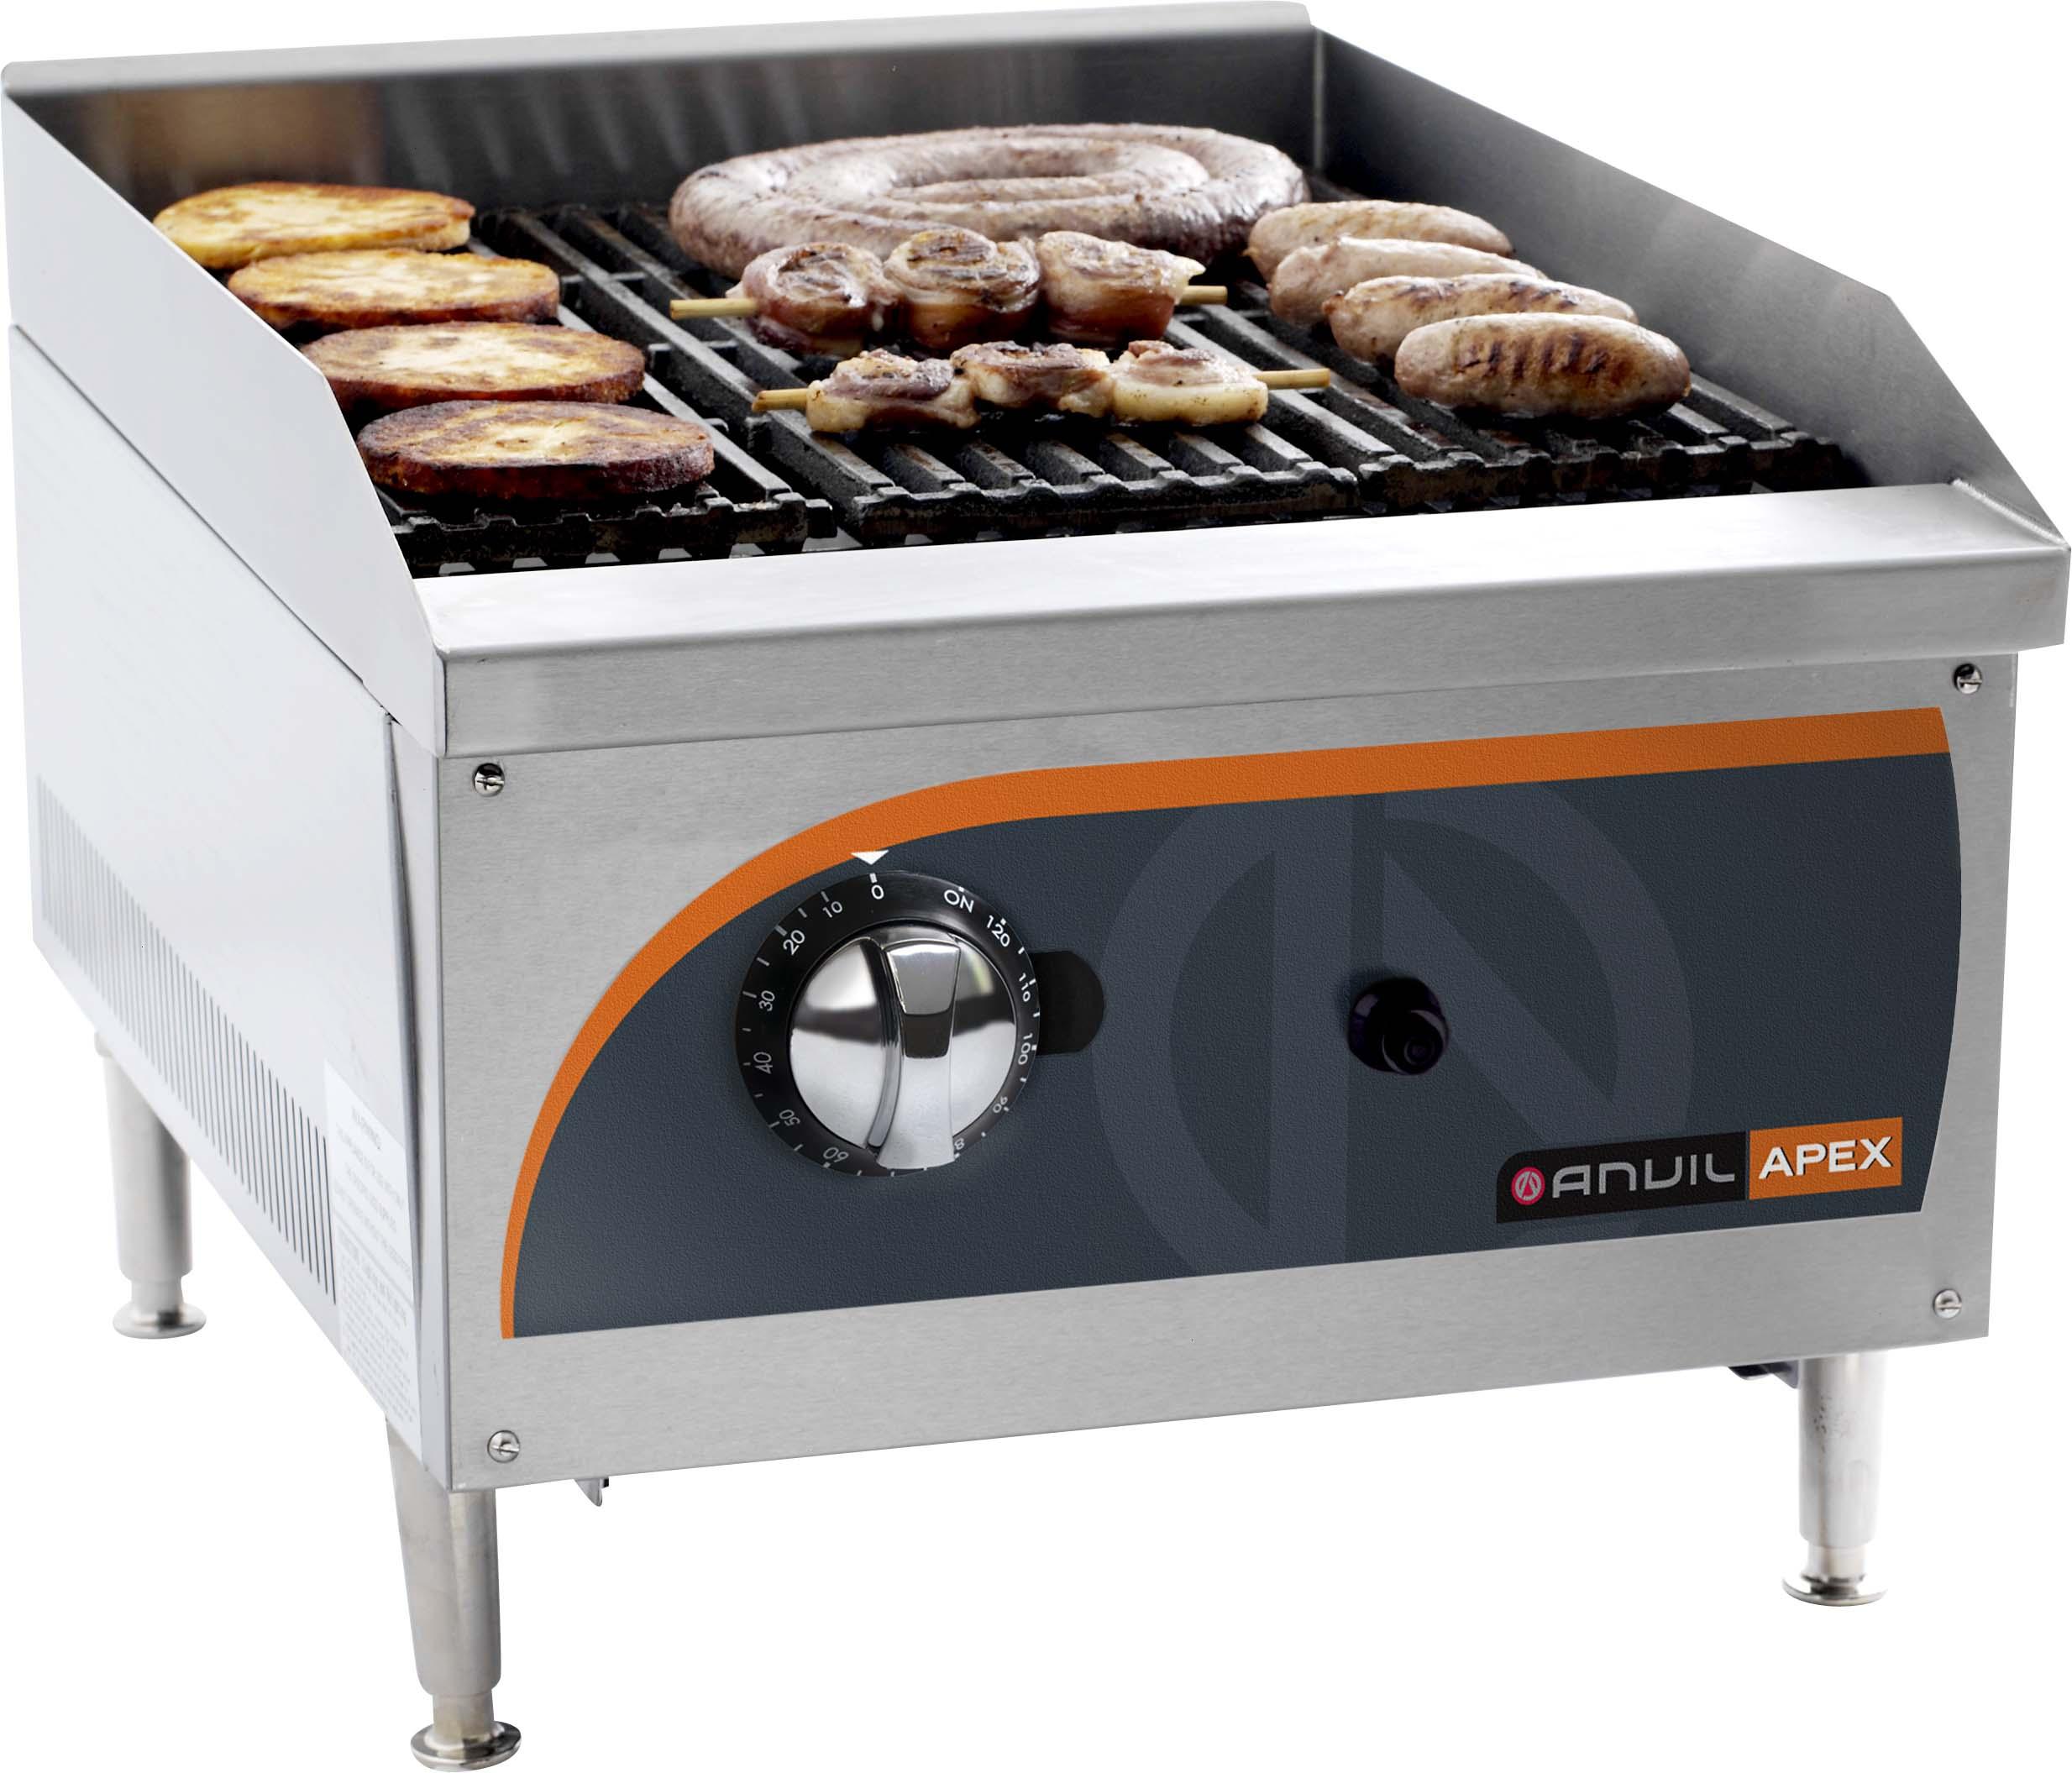 ggr0400-gas-griller-radiant-anvil-apex--400mm--premier-range